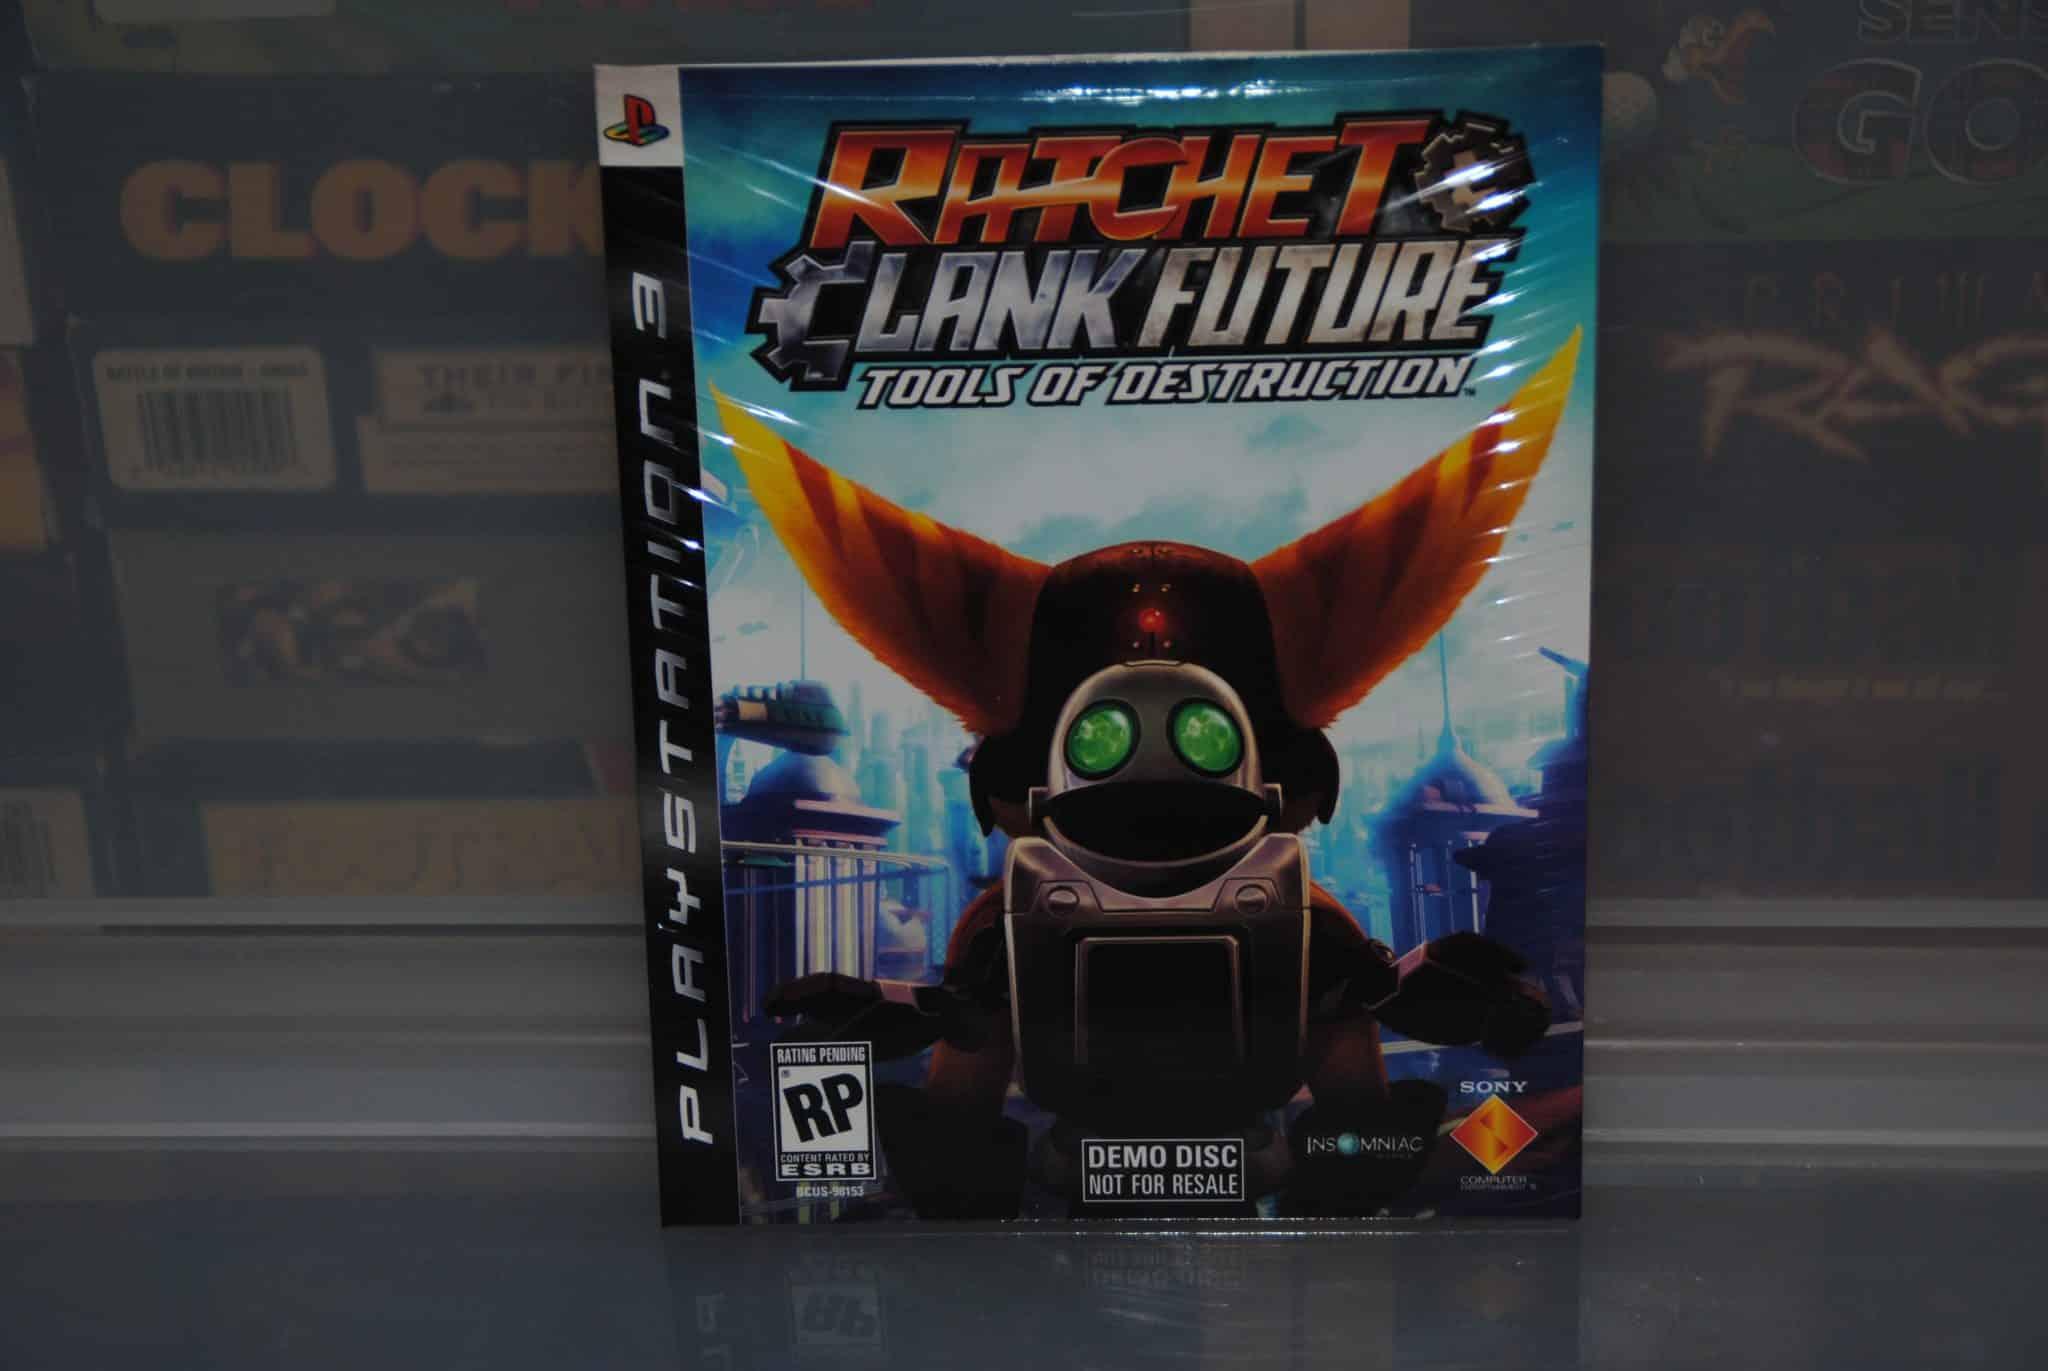 Ratchet Clank The Ps3 Era Is Over Ps4 Next Amigaguru S